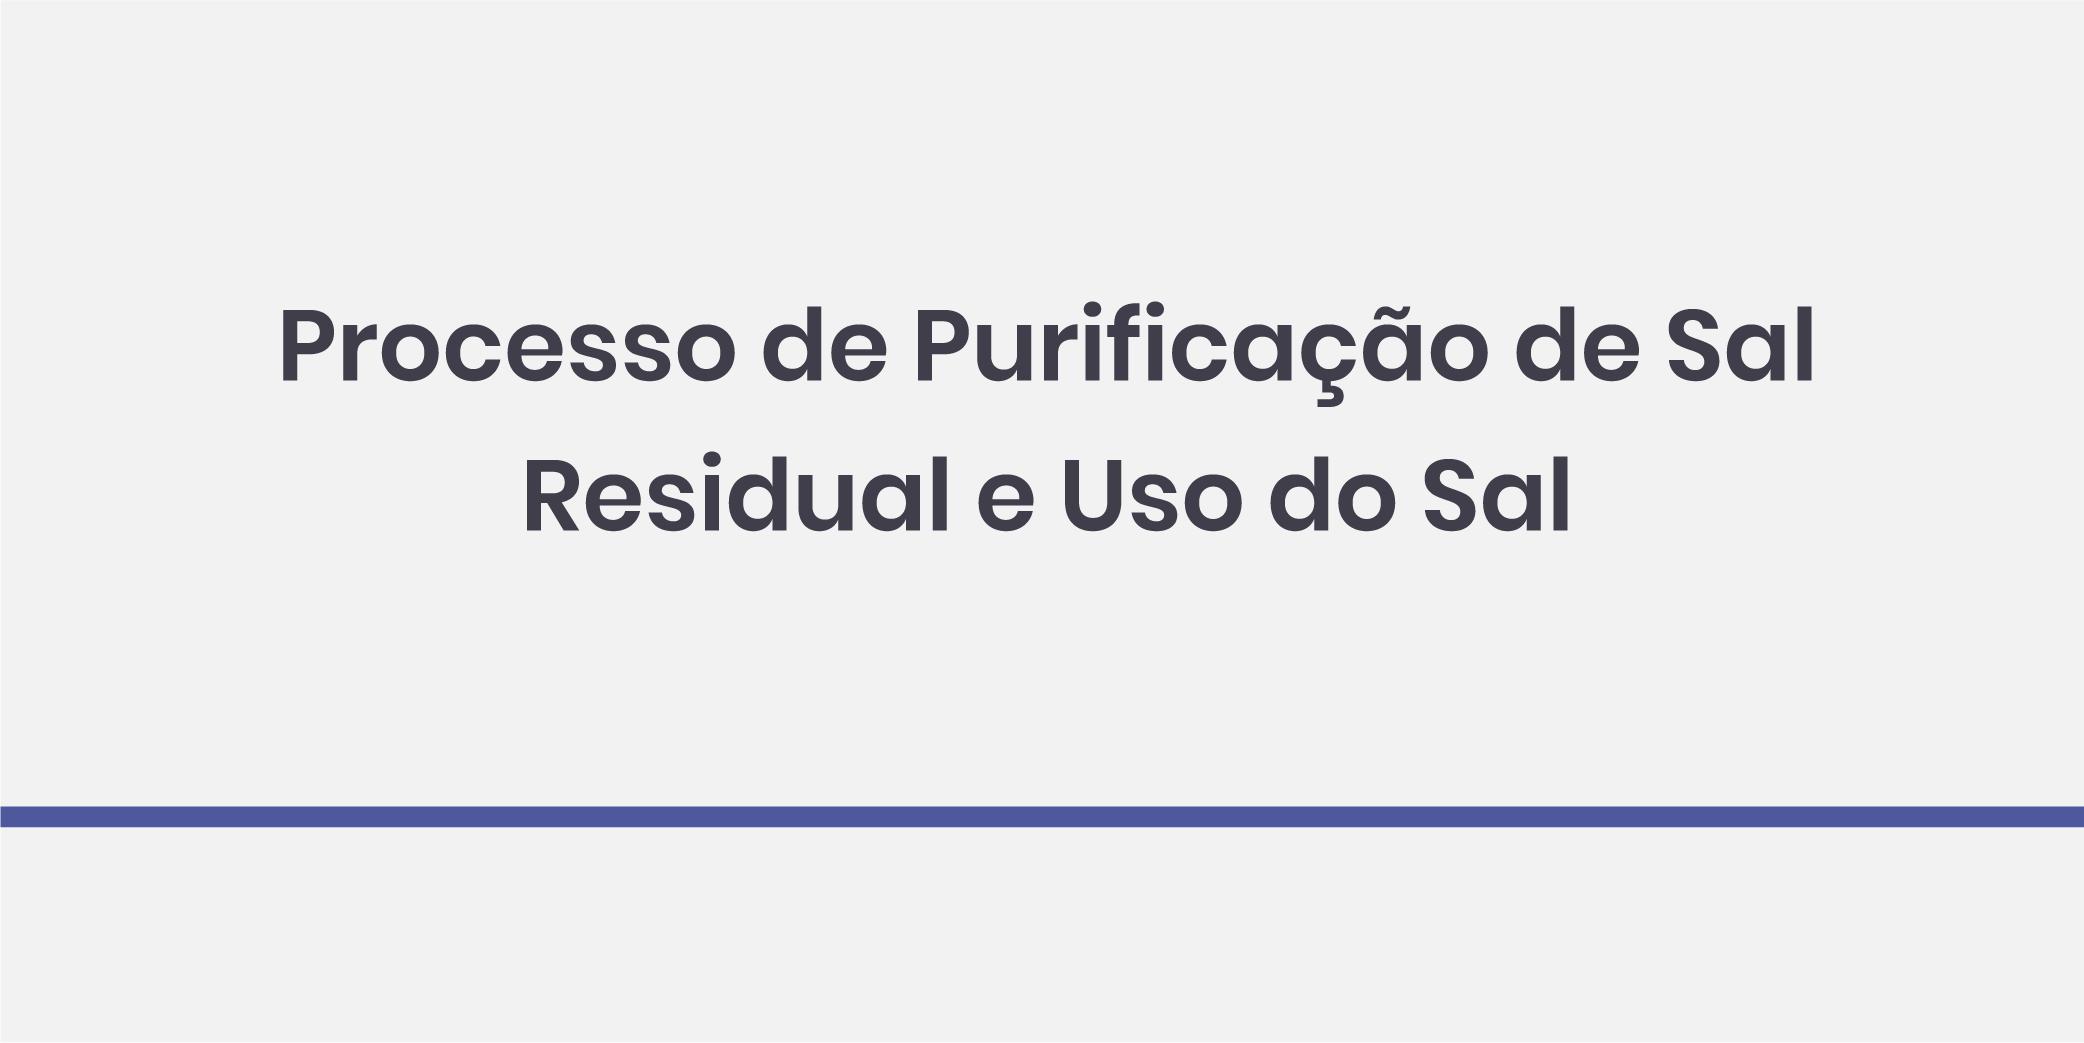 Processo de Purificação de Sal Residual e Uso do Sal